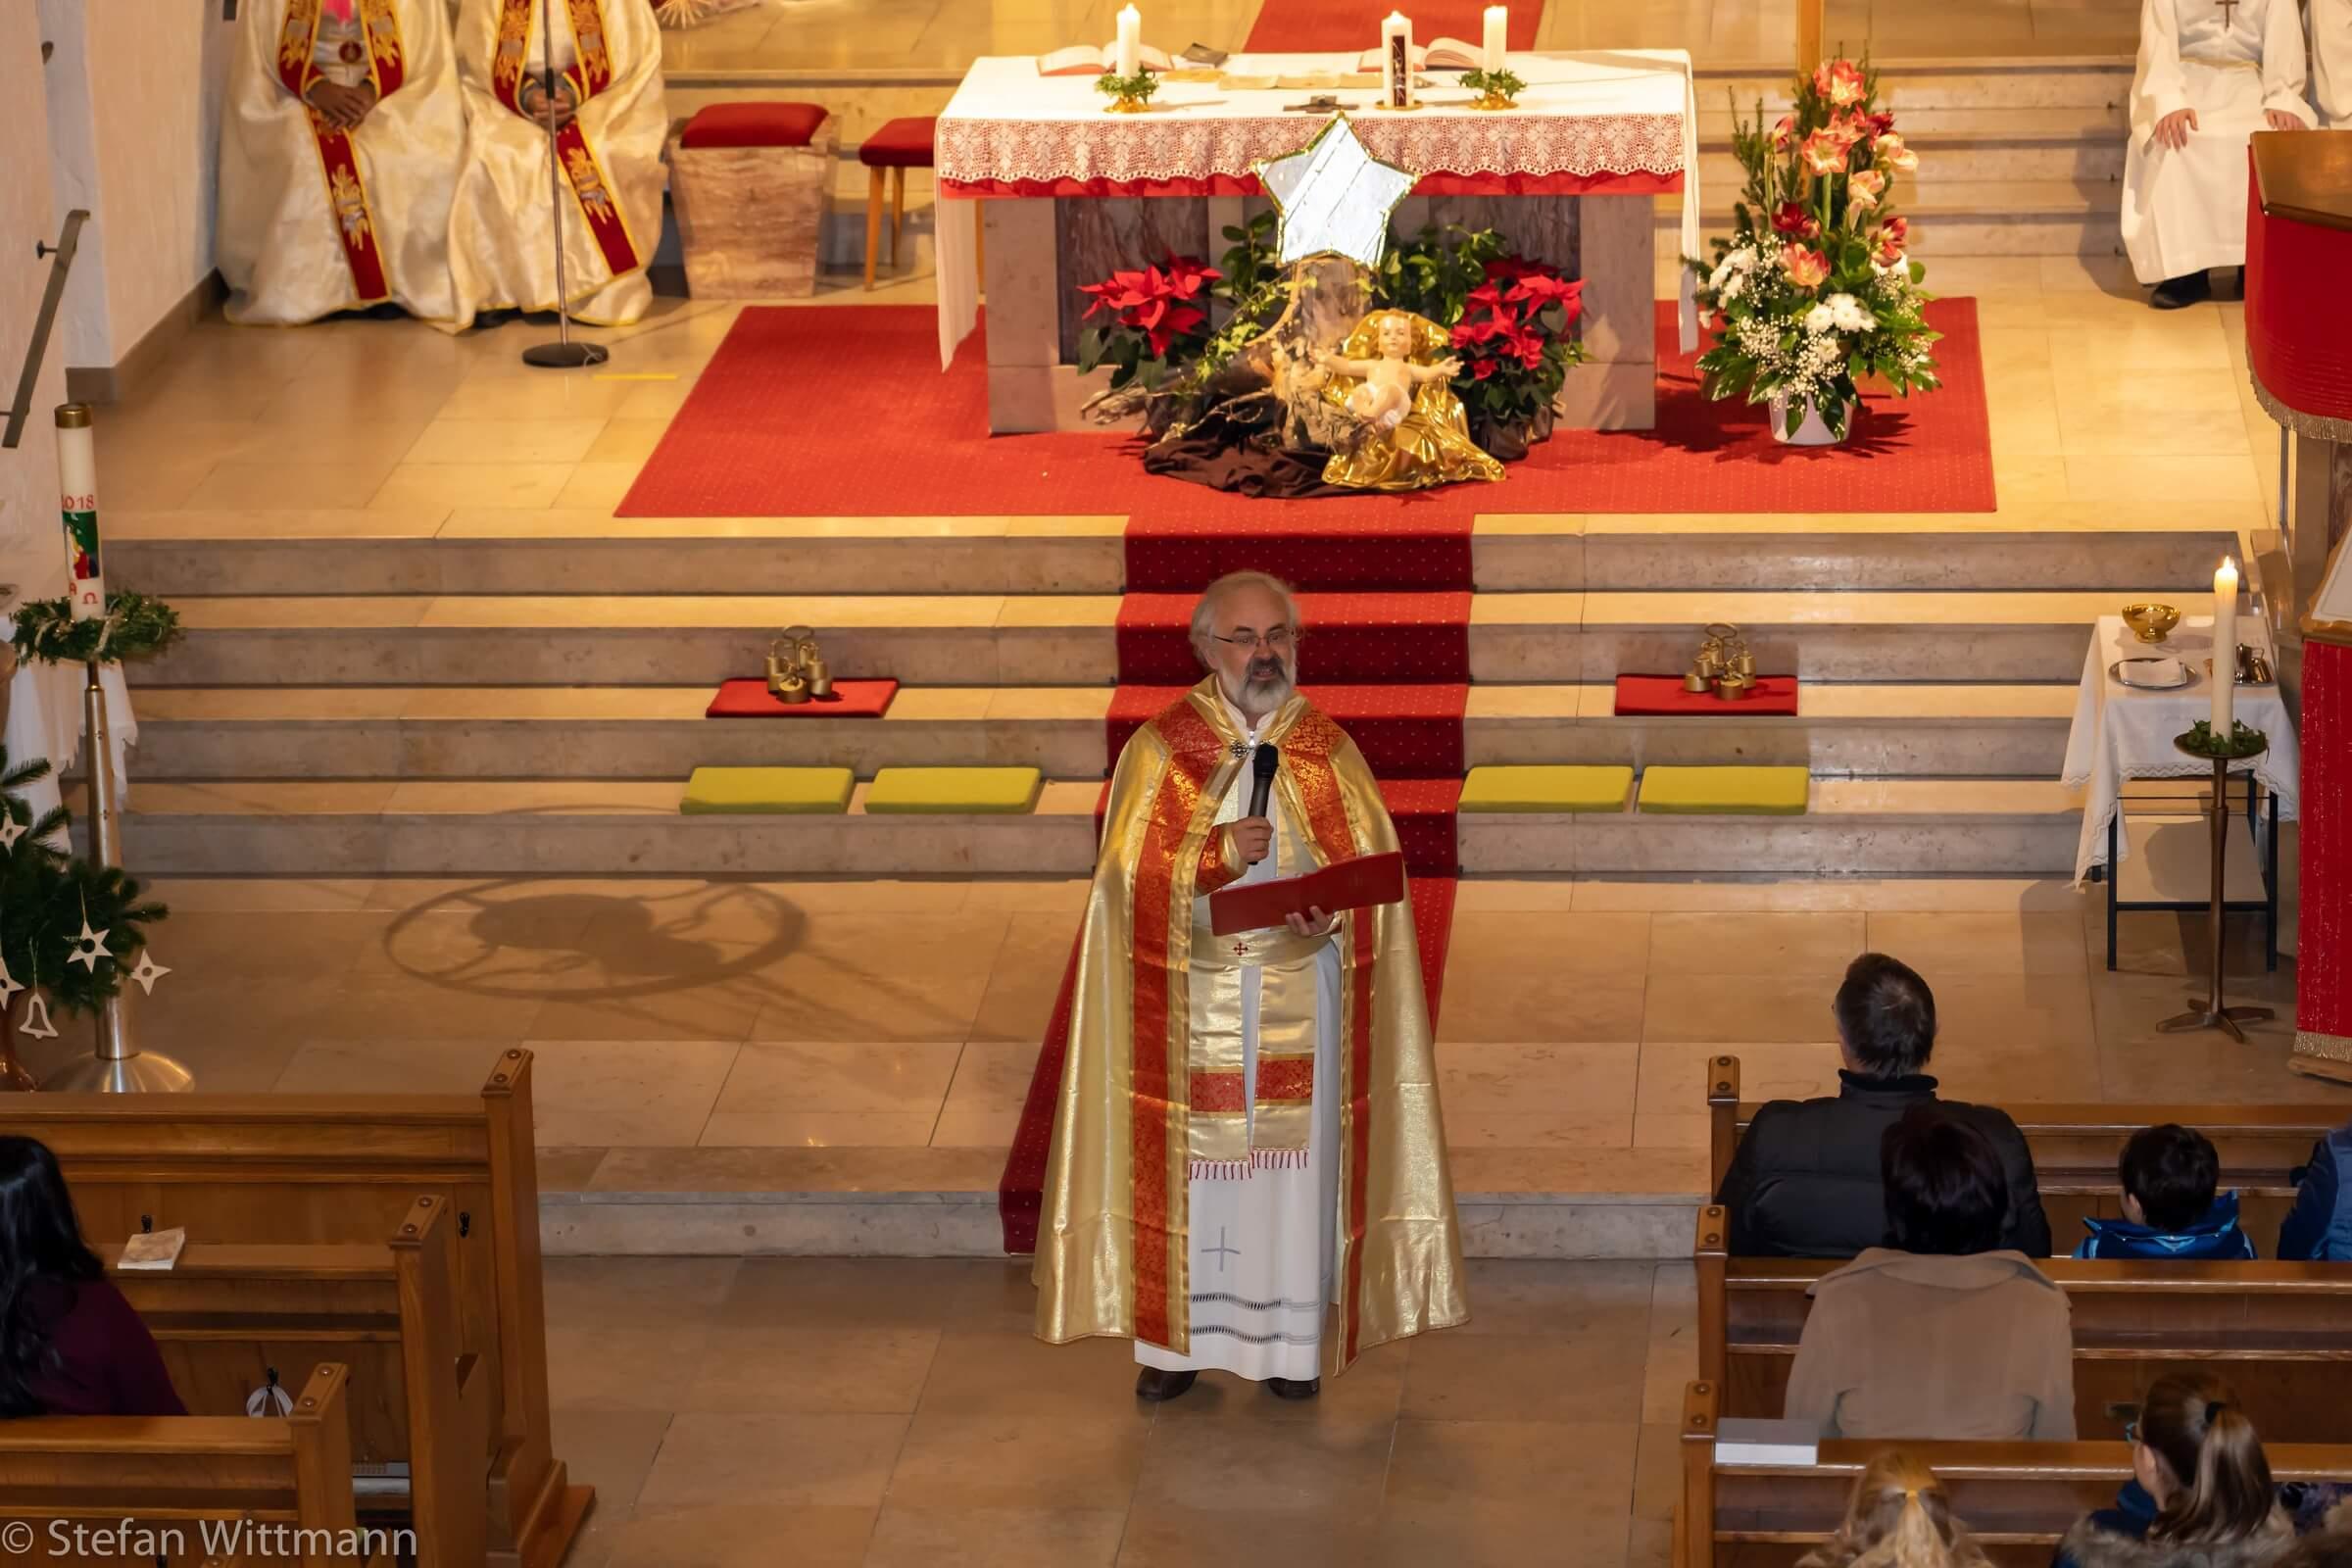 20181230-10 Jahre Priester Joseph - von Wittmann Stefan 20181230172014-DSC01883